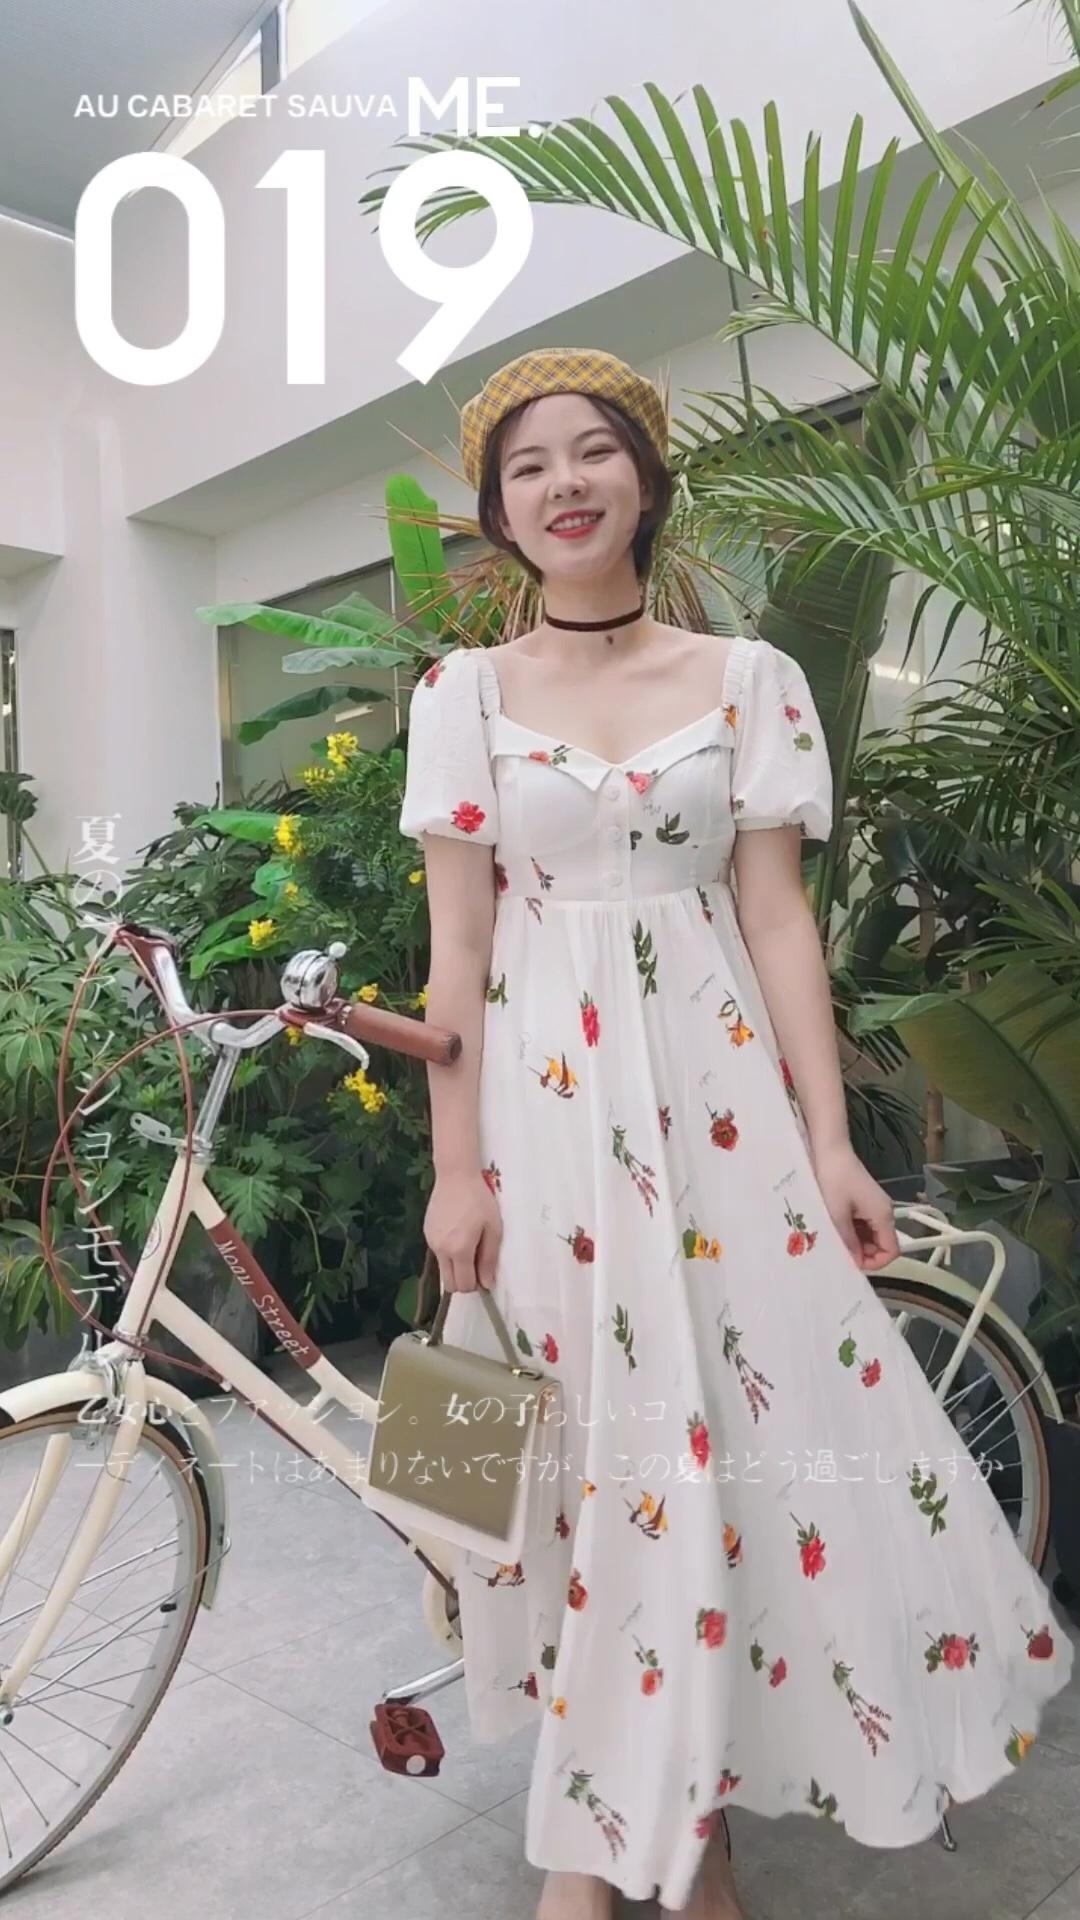 长款连衣裙从夏到秋都能一直穿哦~ 白底点缀一些小图案文艺气息十足哦! #夏秋交替,办公室最佳look#